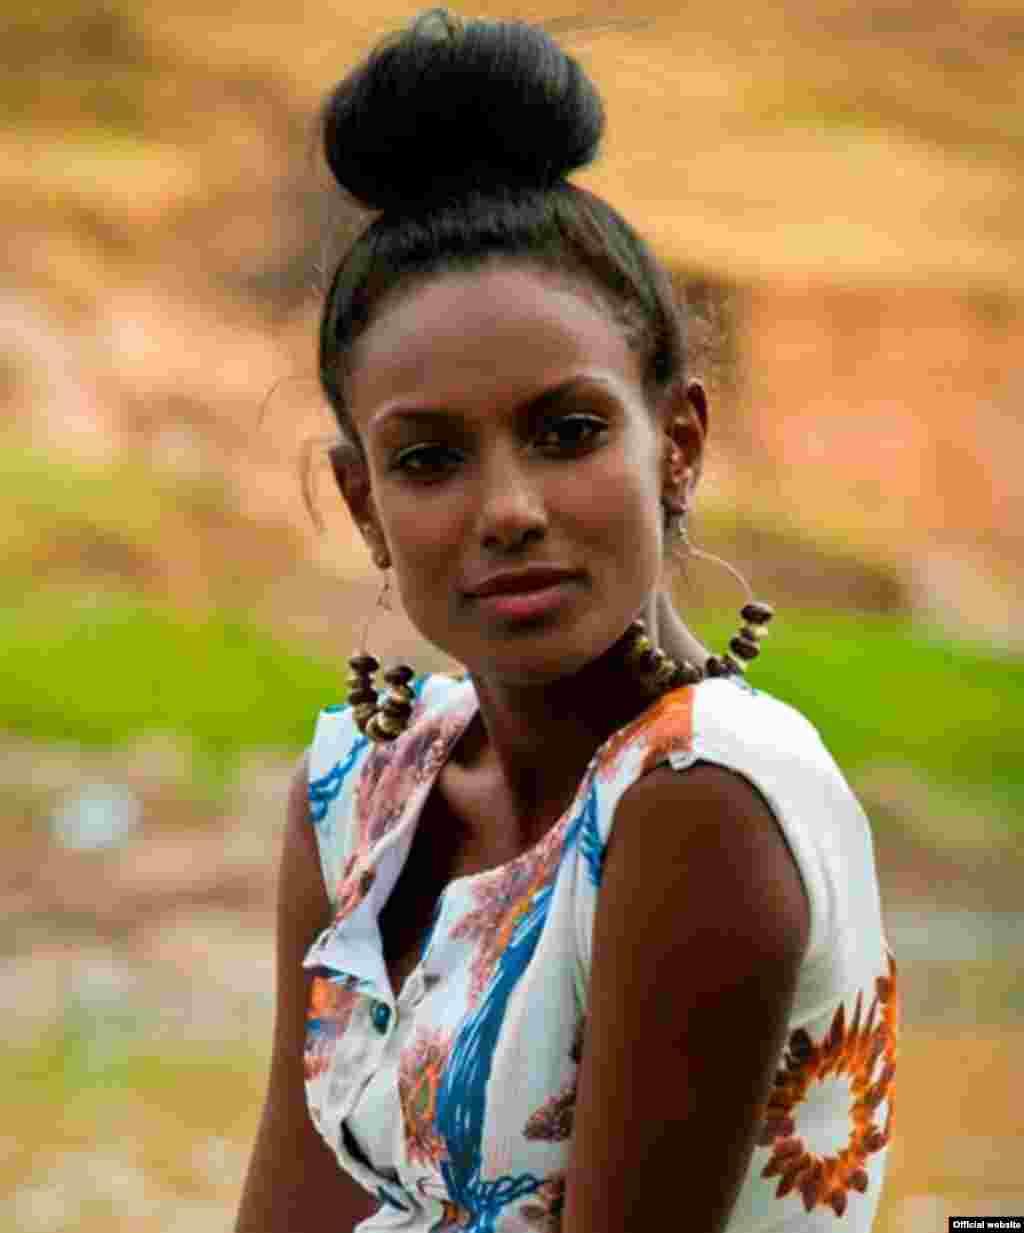 A Etiópia ocupa o 3º lugar da lista da Afrojuju.net que elegeu os 10 países com as mulheres mais bonitas de África (Yirlagem Hadish na foto)